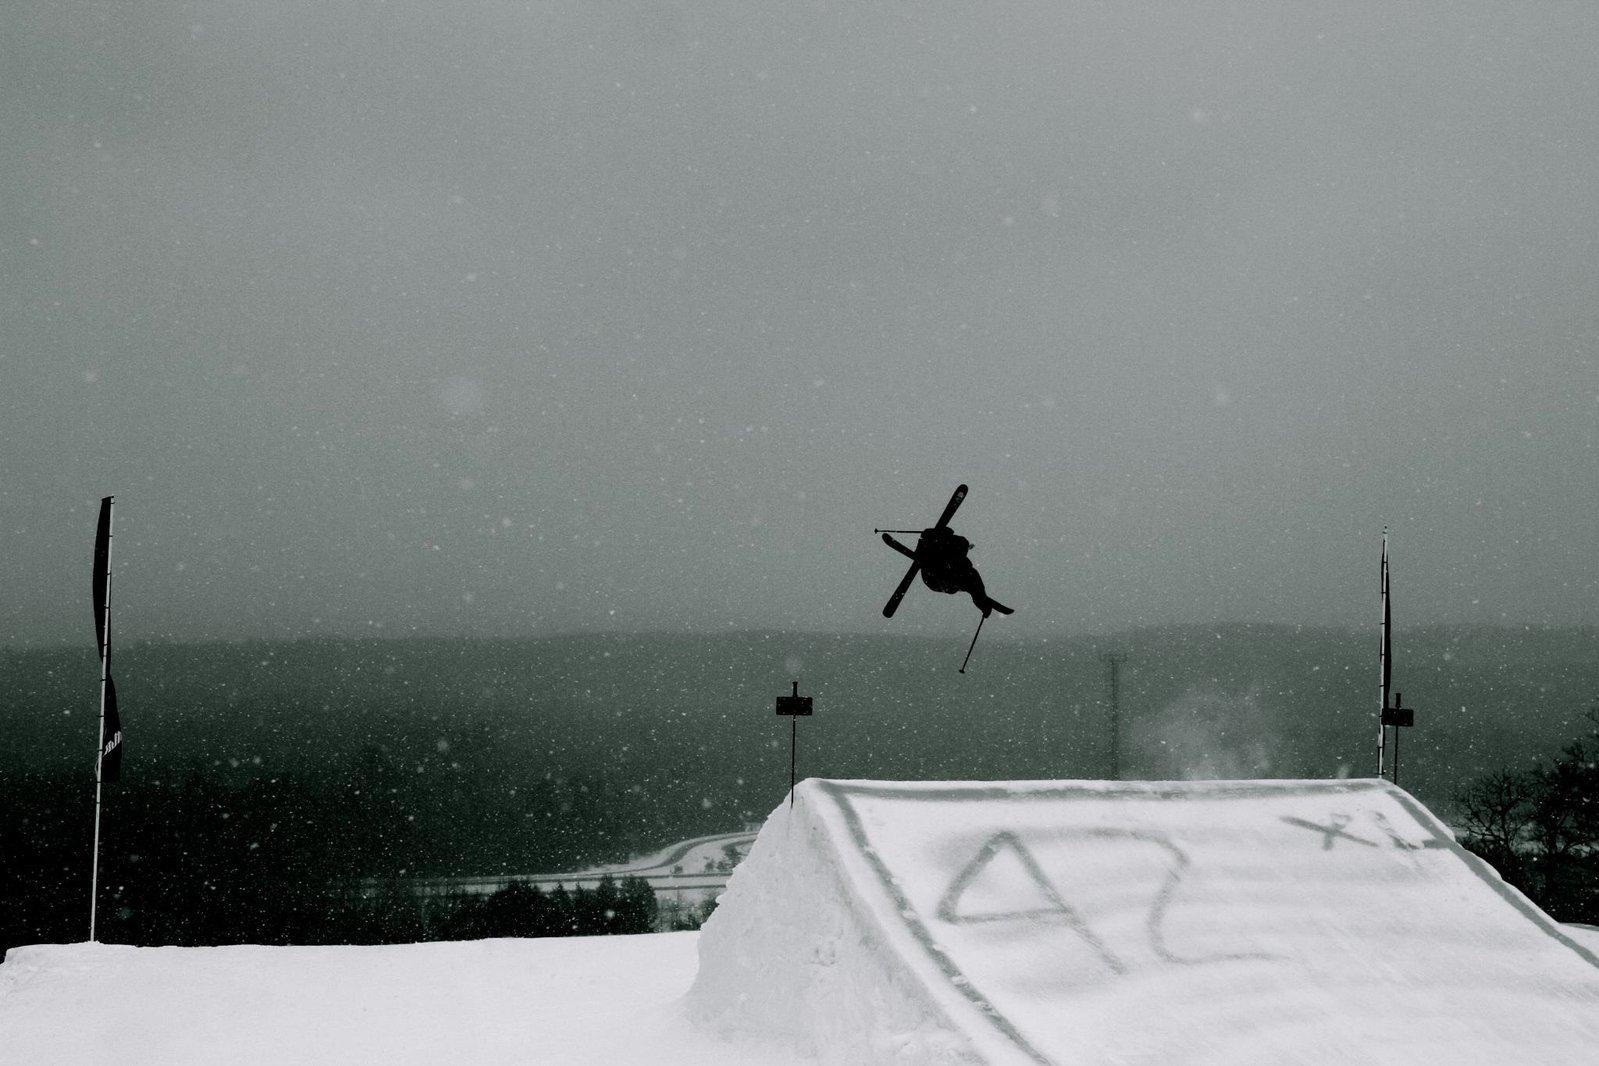 Mt. Saint Louis jump session